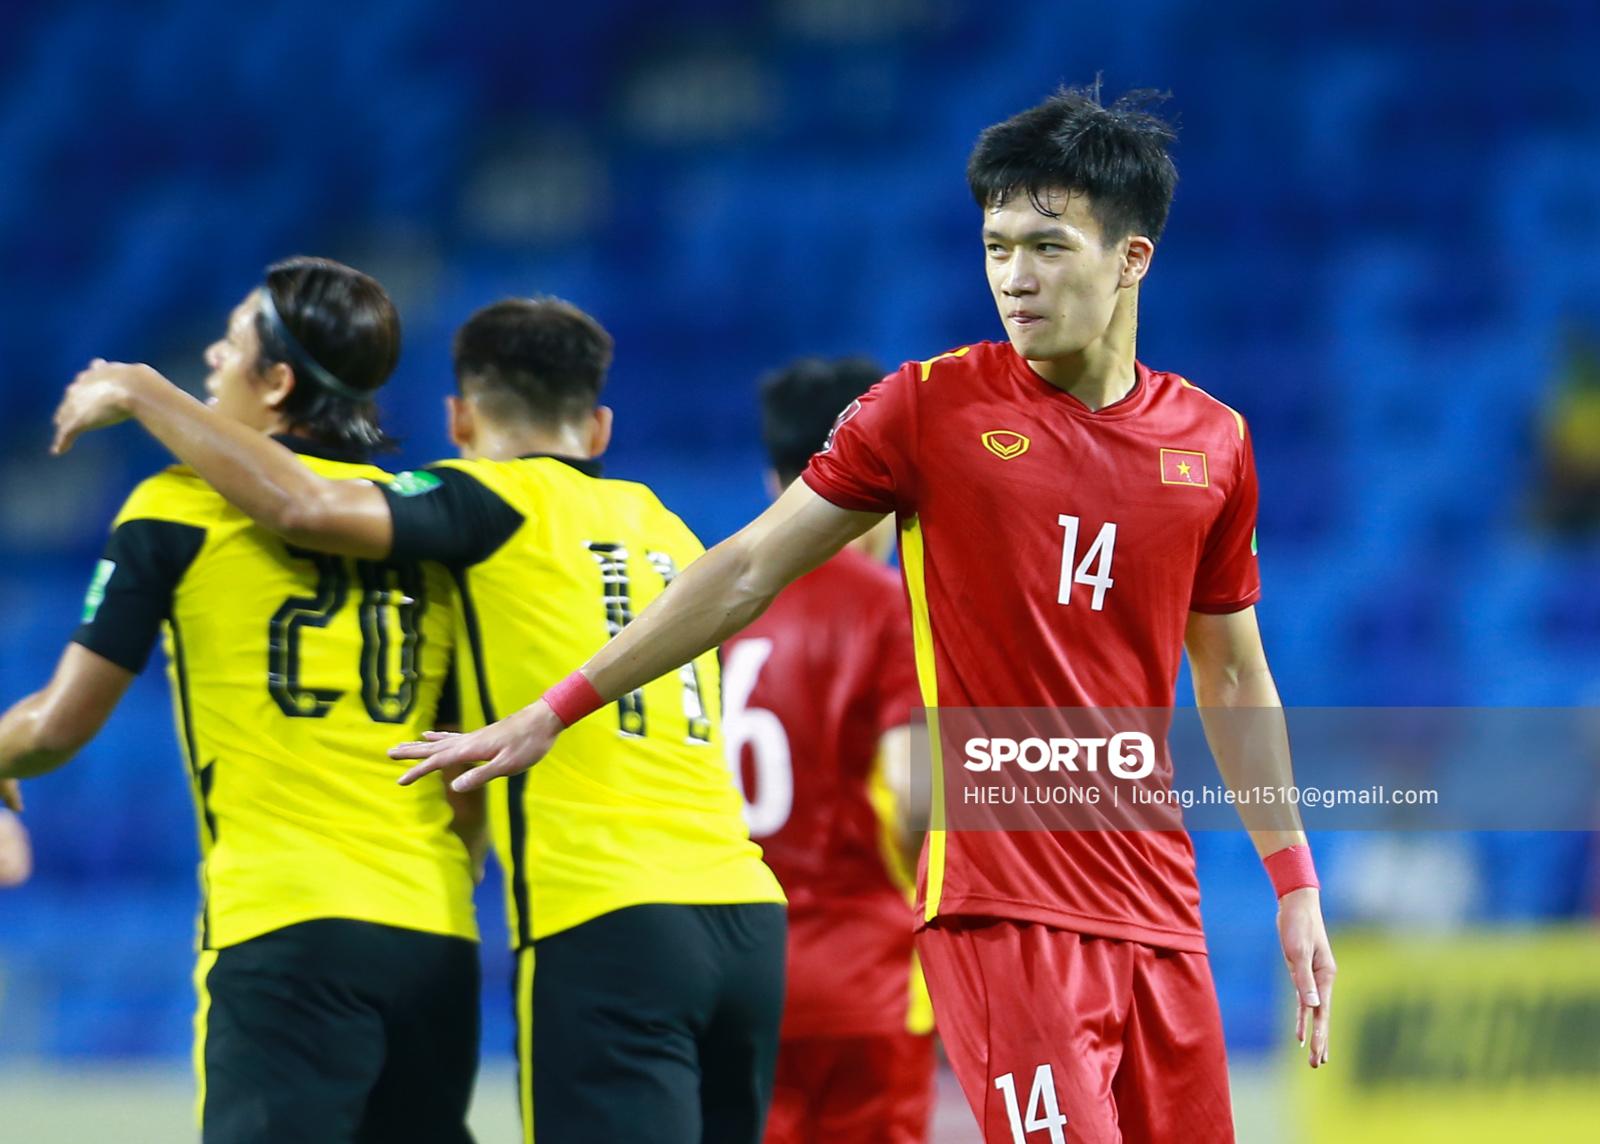 Hoàng Đức chơi hay bất ngờ, thay thế hoàn hảo cho Tuấn Anh ở tuyển Việt Nam - Ảnh 1.